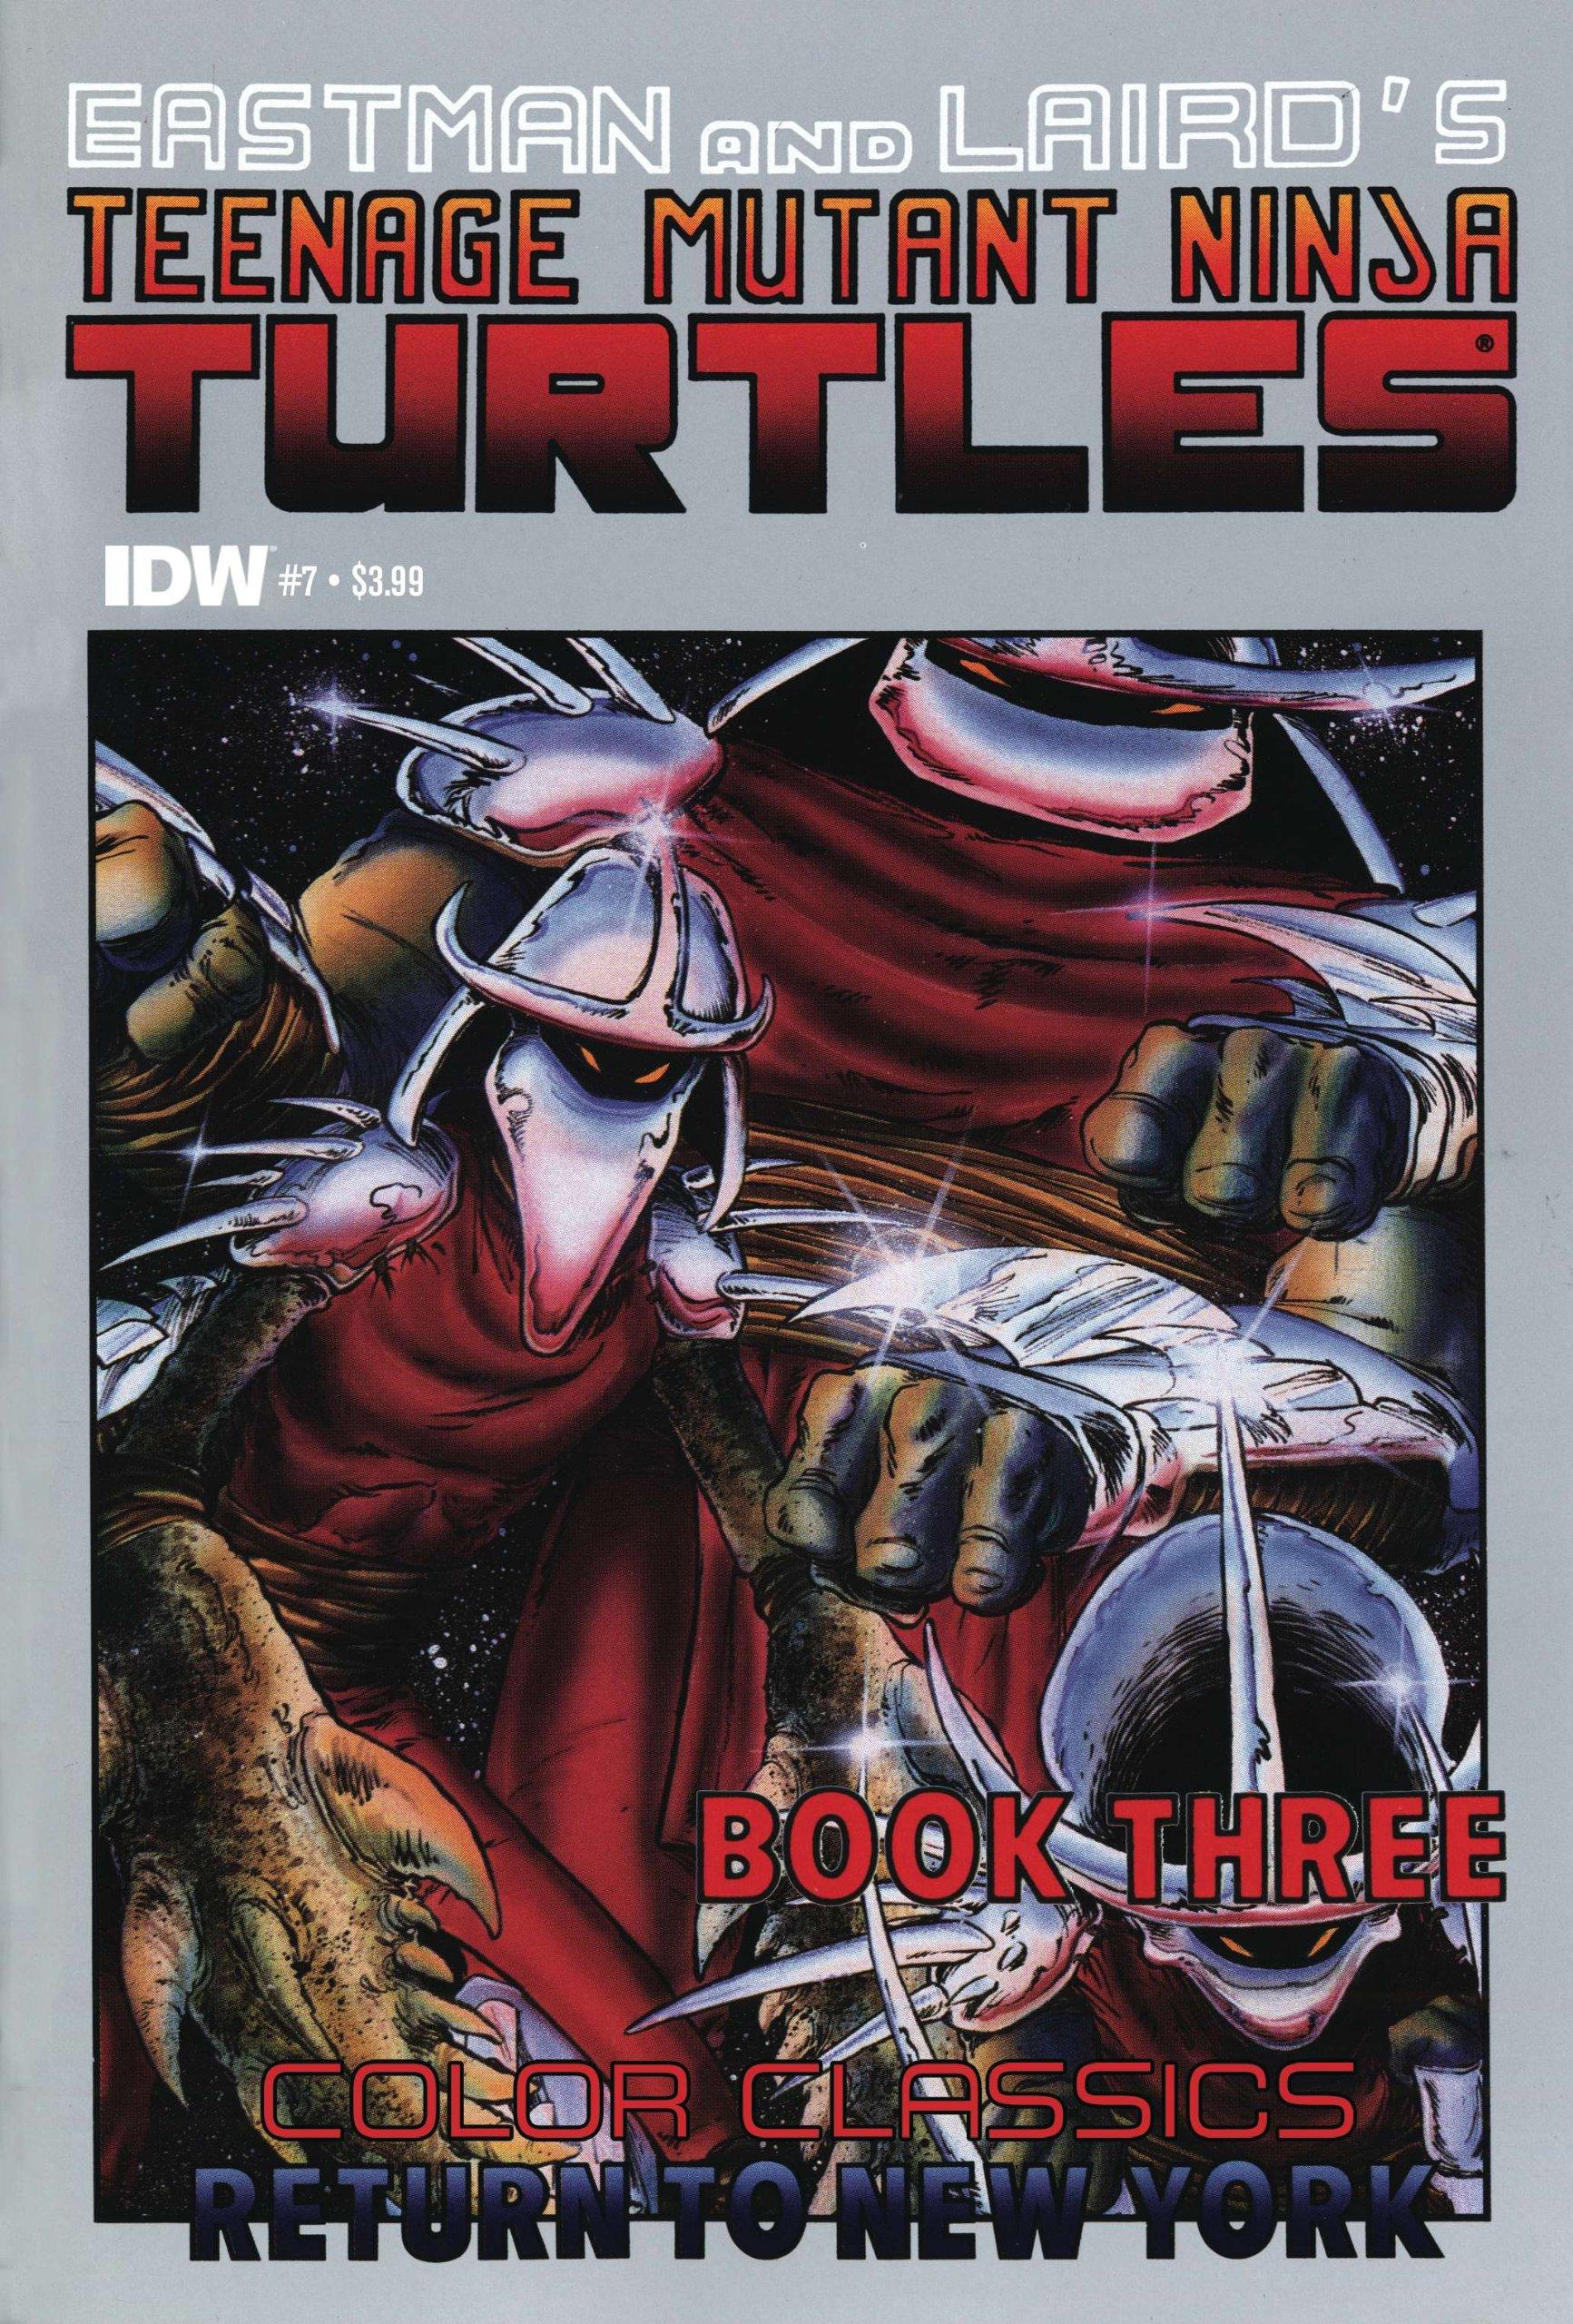 Download TMNT Color Classics Series 2 #7 ebook